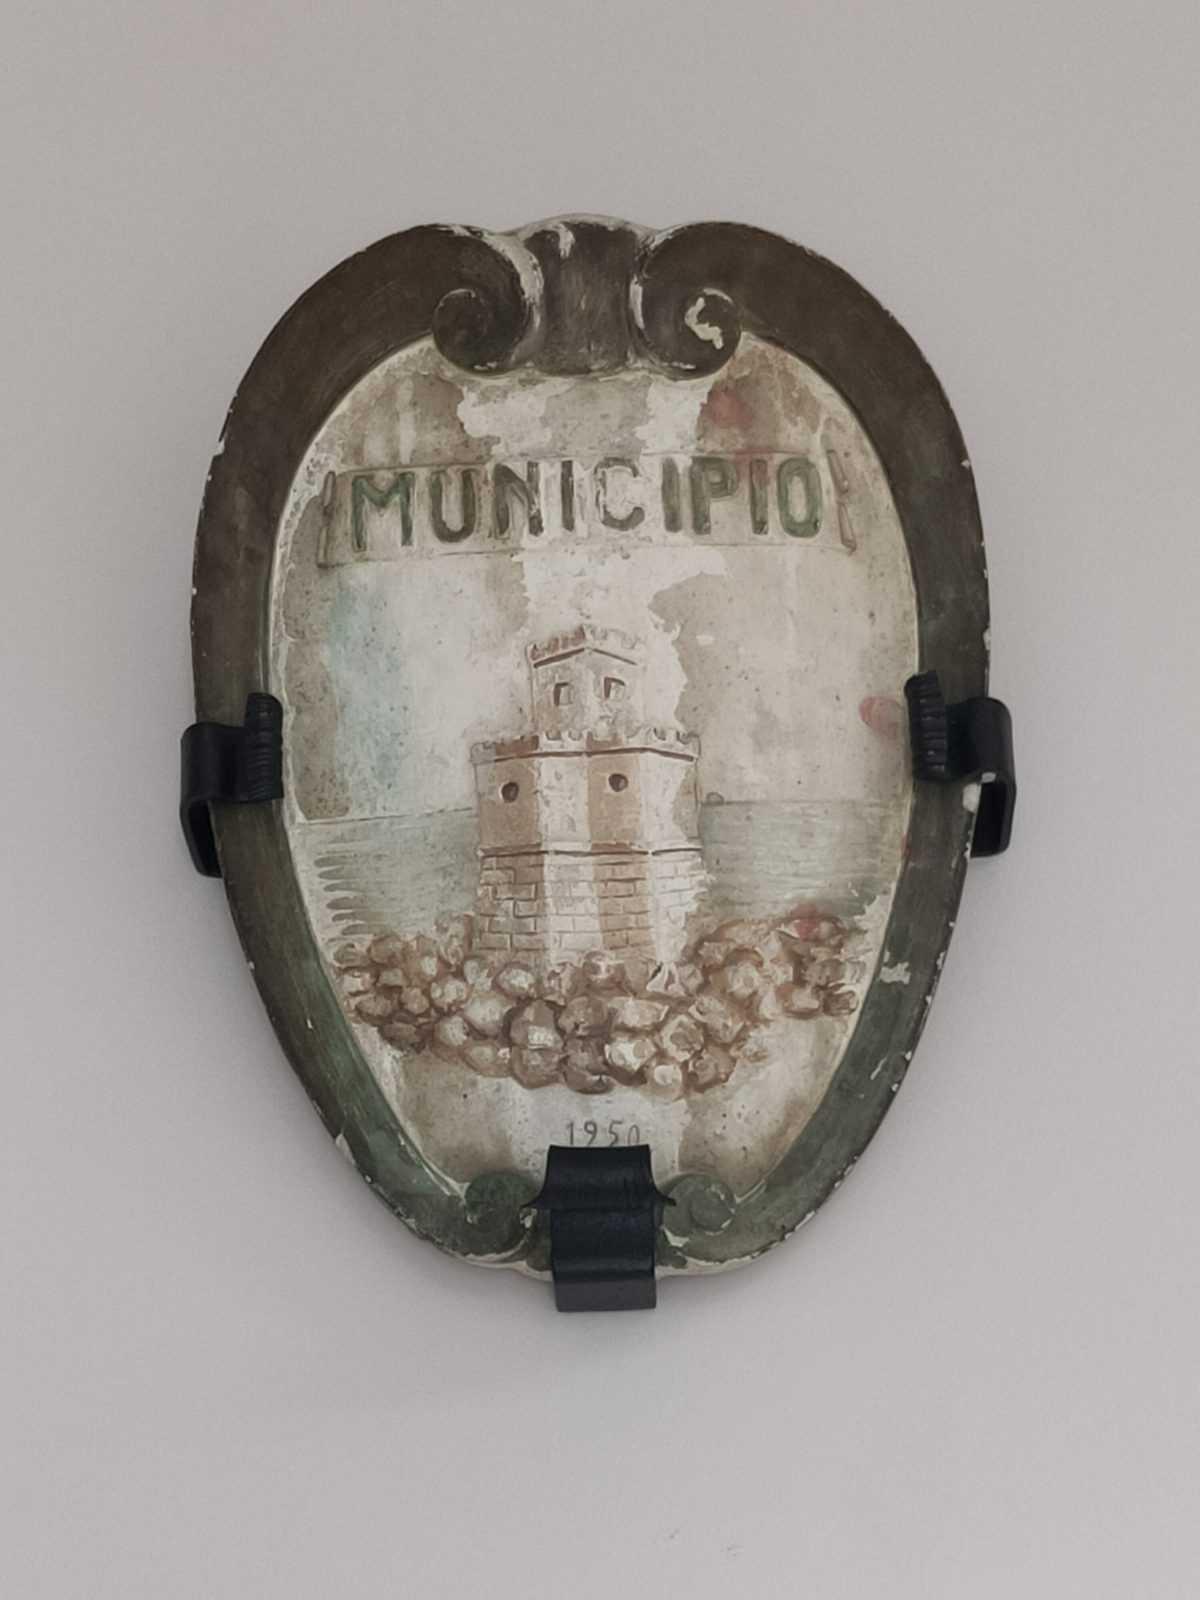 Silvi, tornato alla luce il vecchio stemma comunale durante i lavori nel seminterrato. Sarà collocato nel Palazzo di città